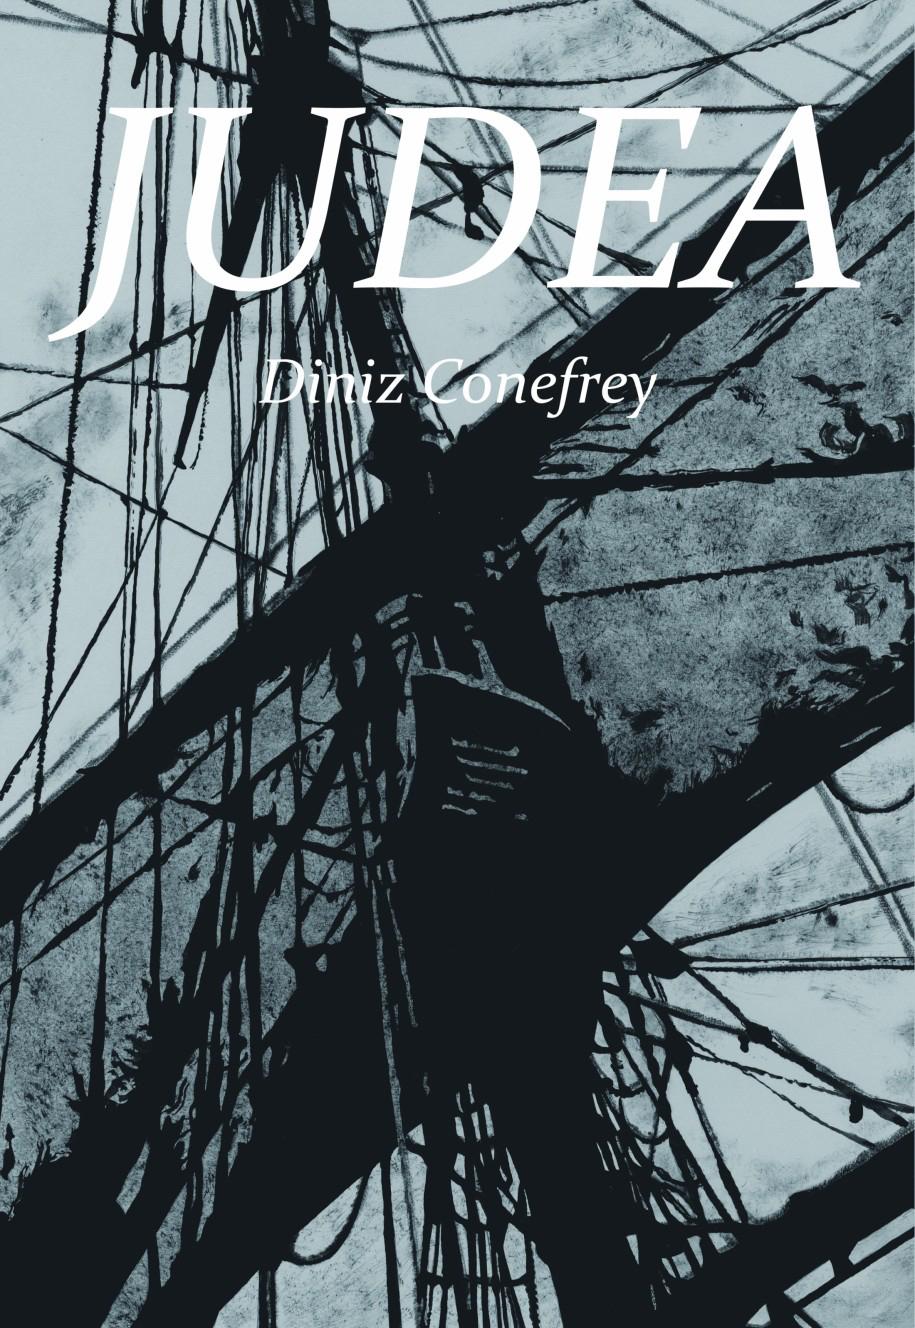 Judea, Diniz Conefrey